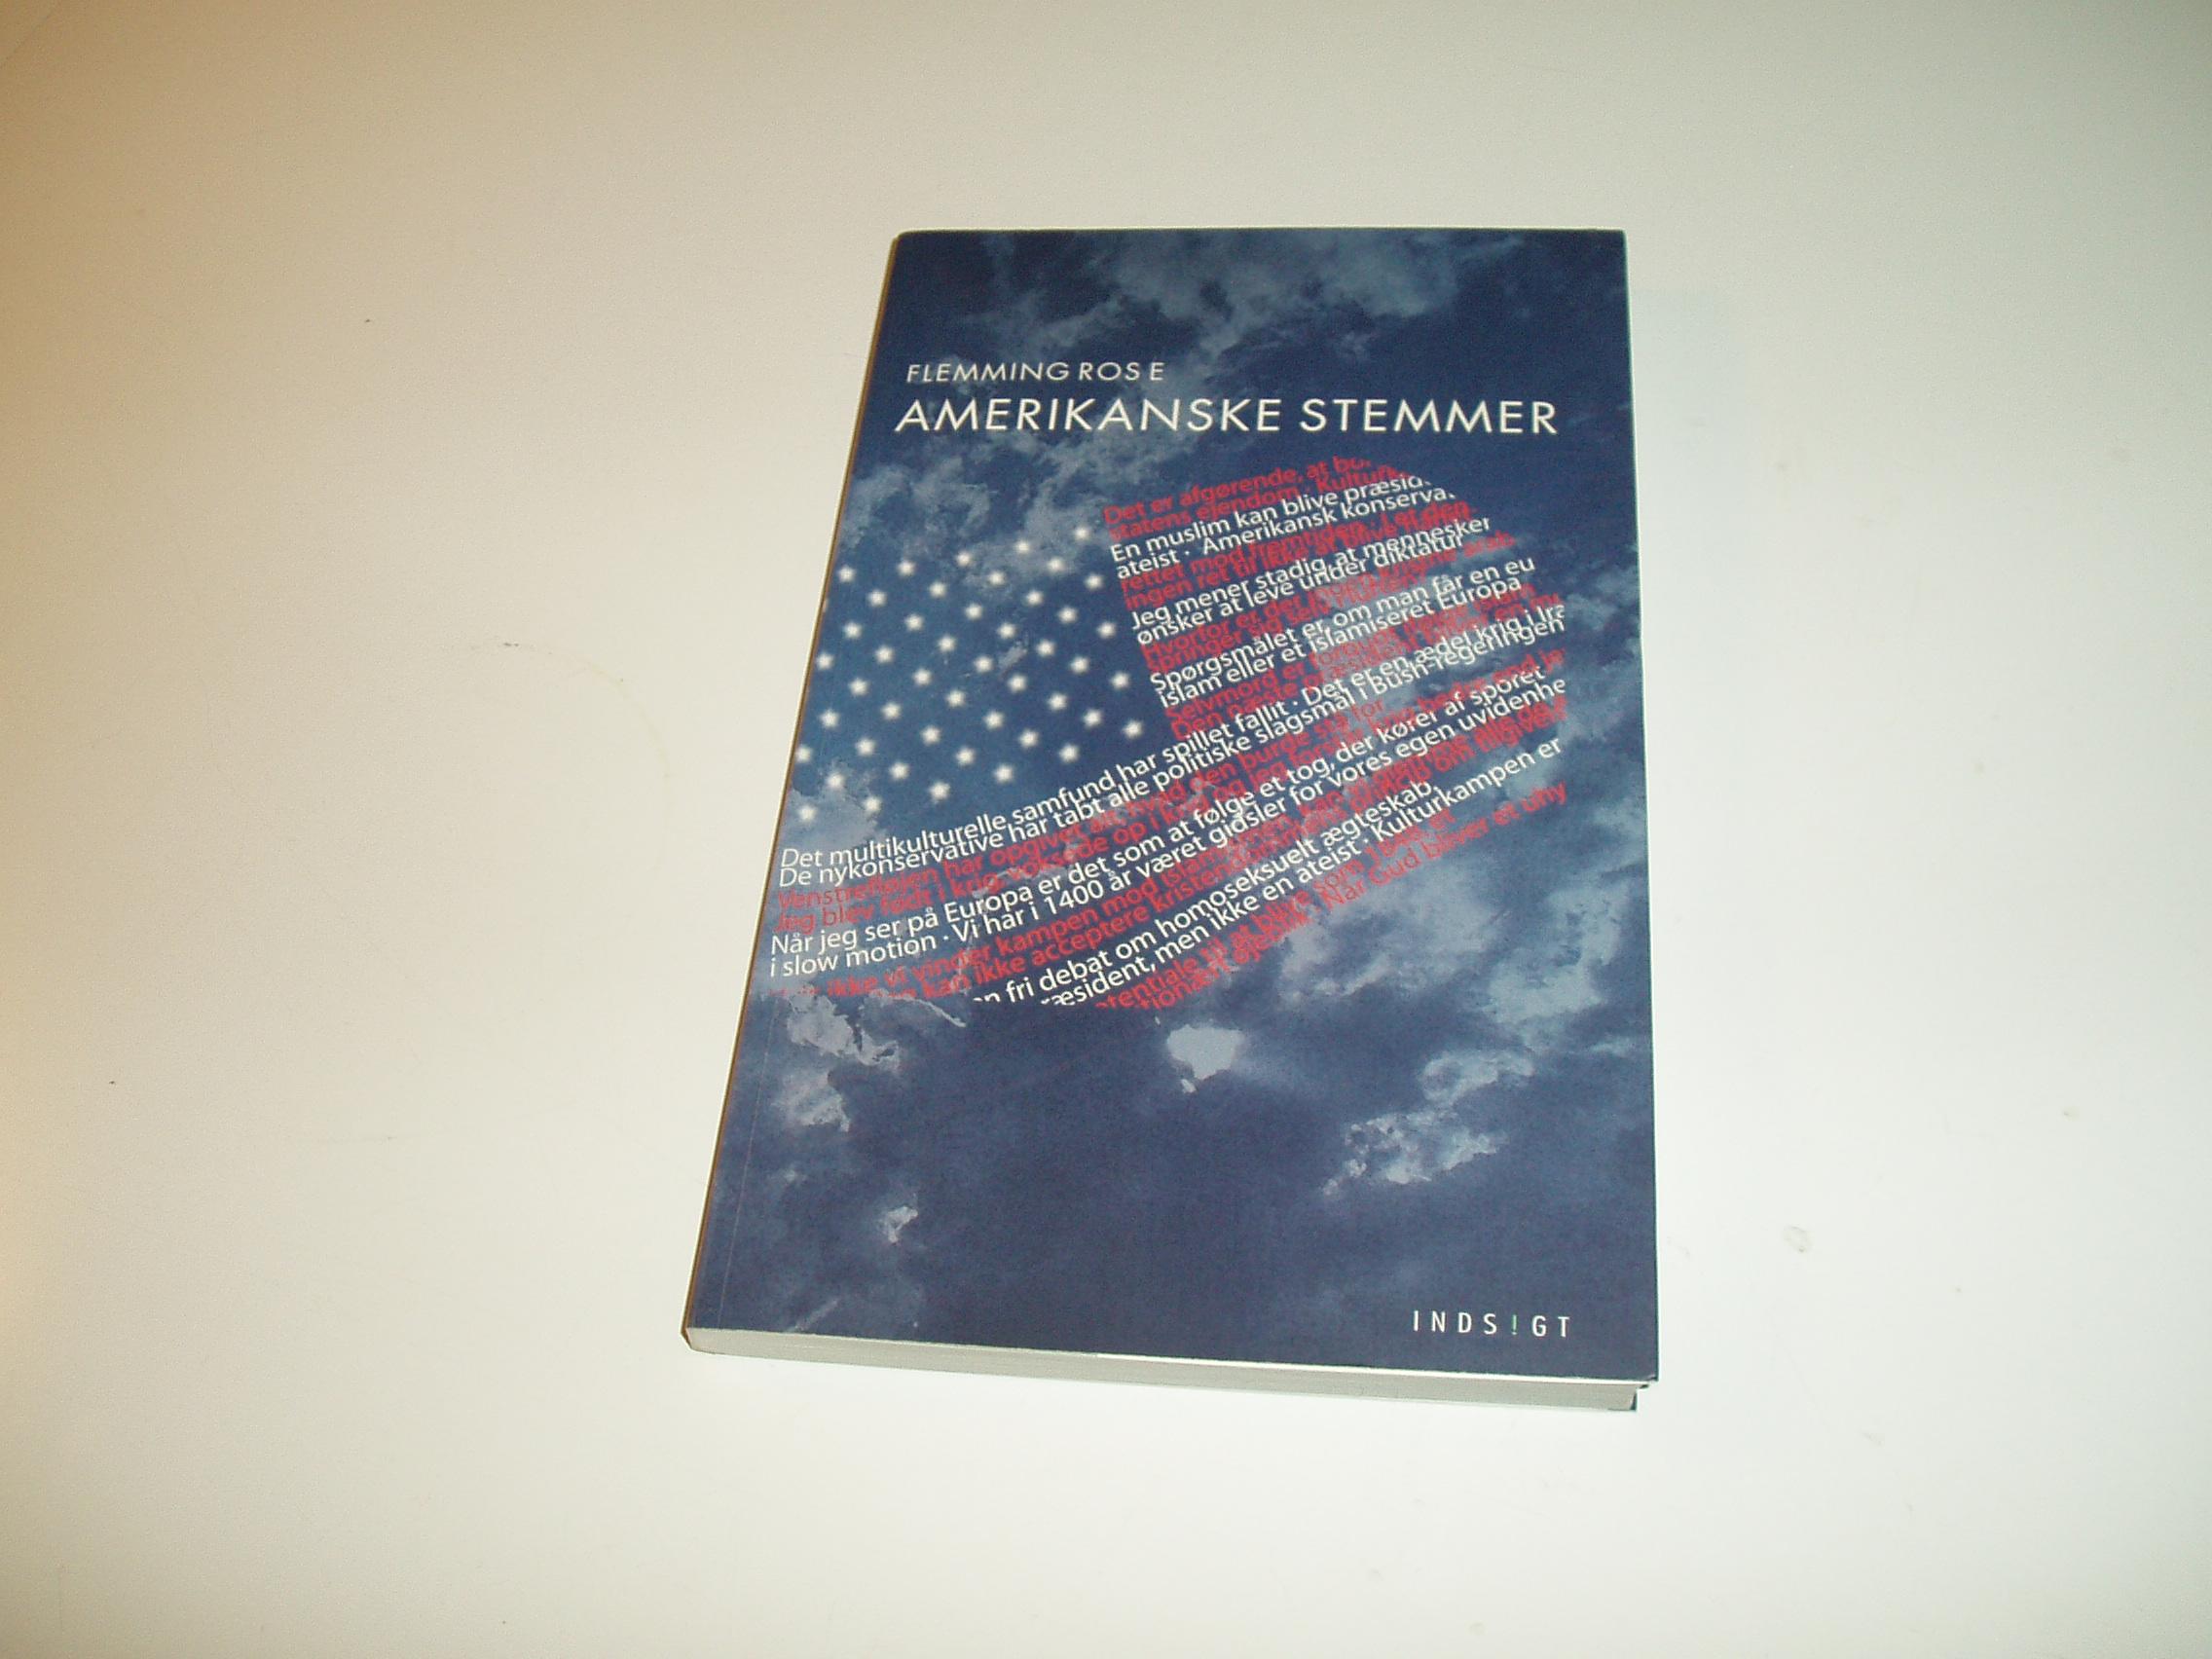 Amerikanske stemmer - en interviewbog